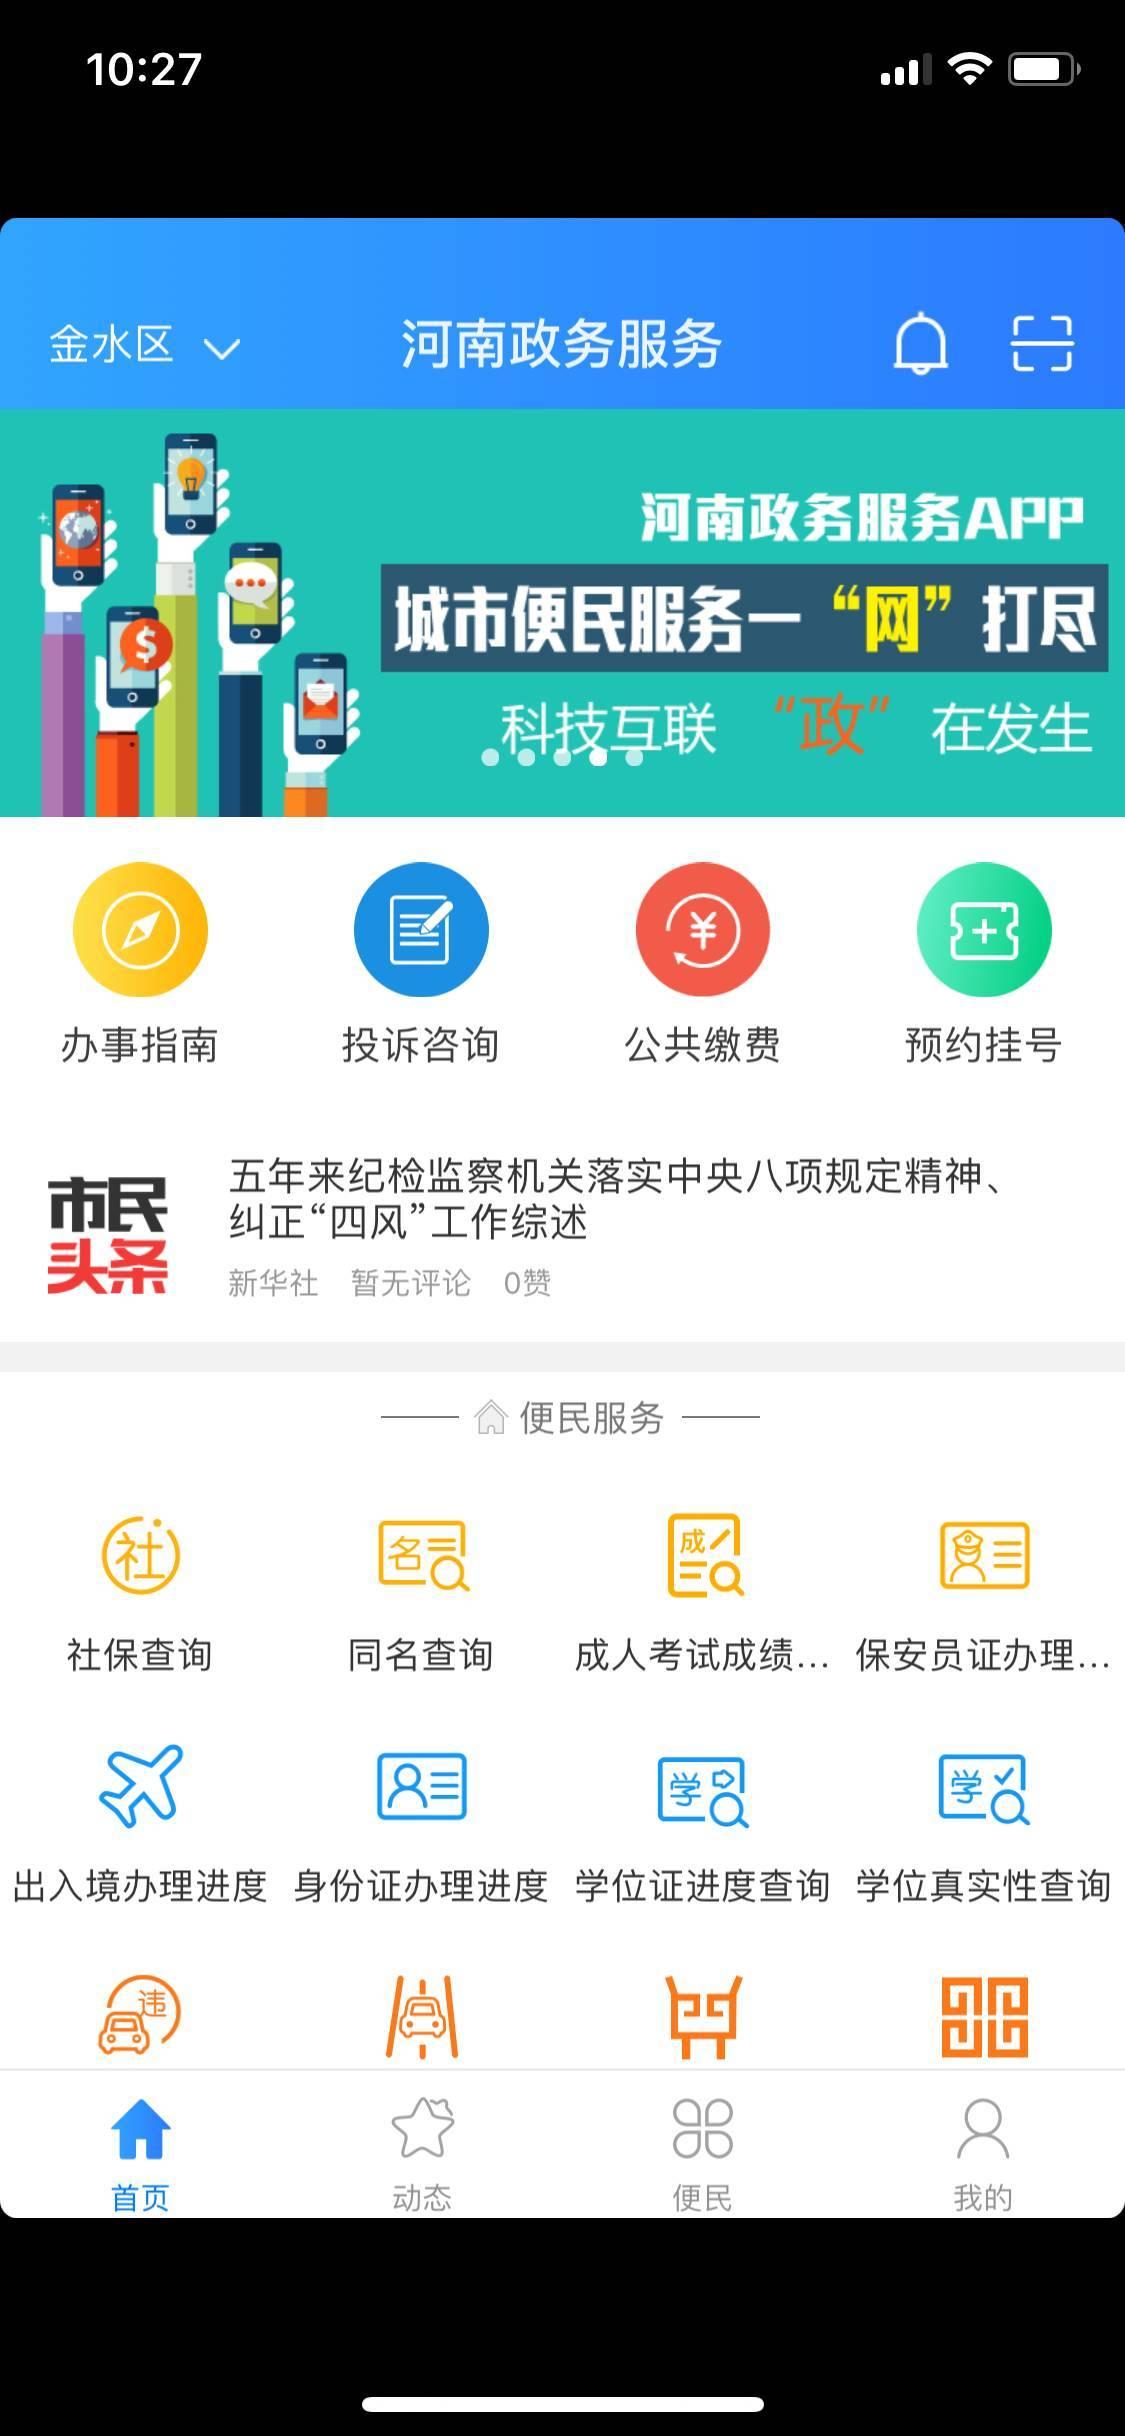 河南政务服务APP正式上线!在线办理美滋滋!